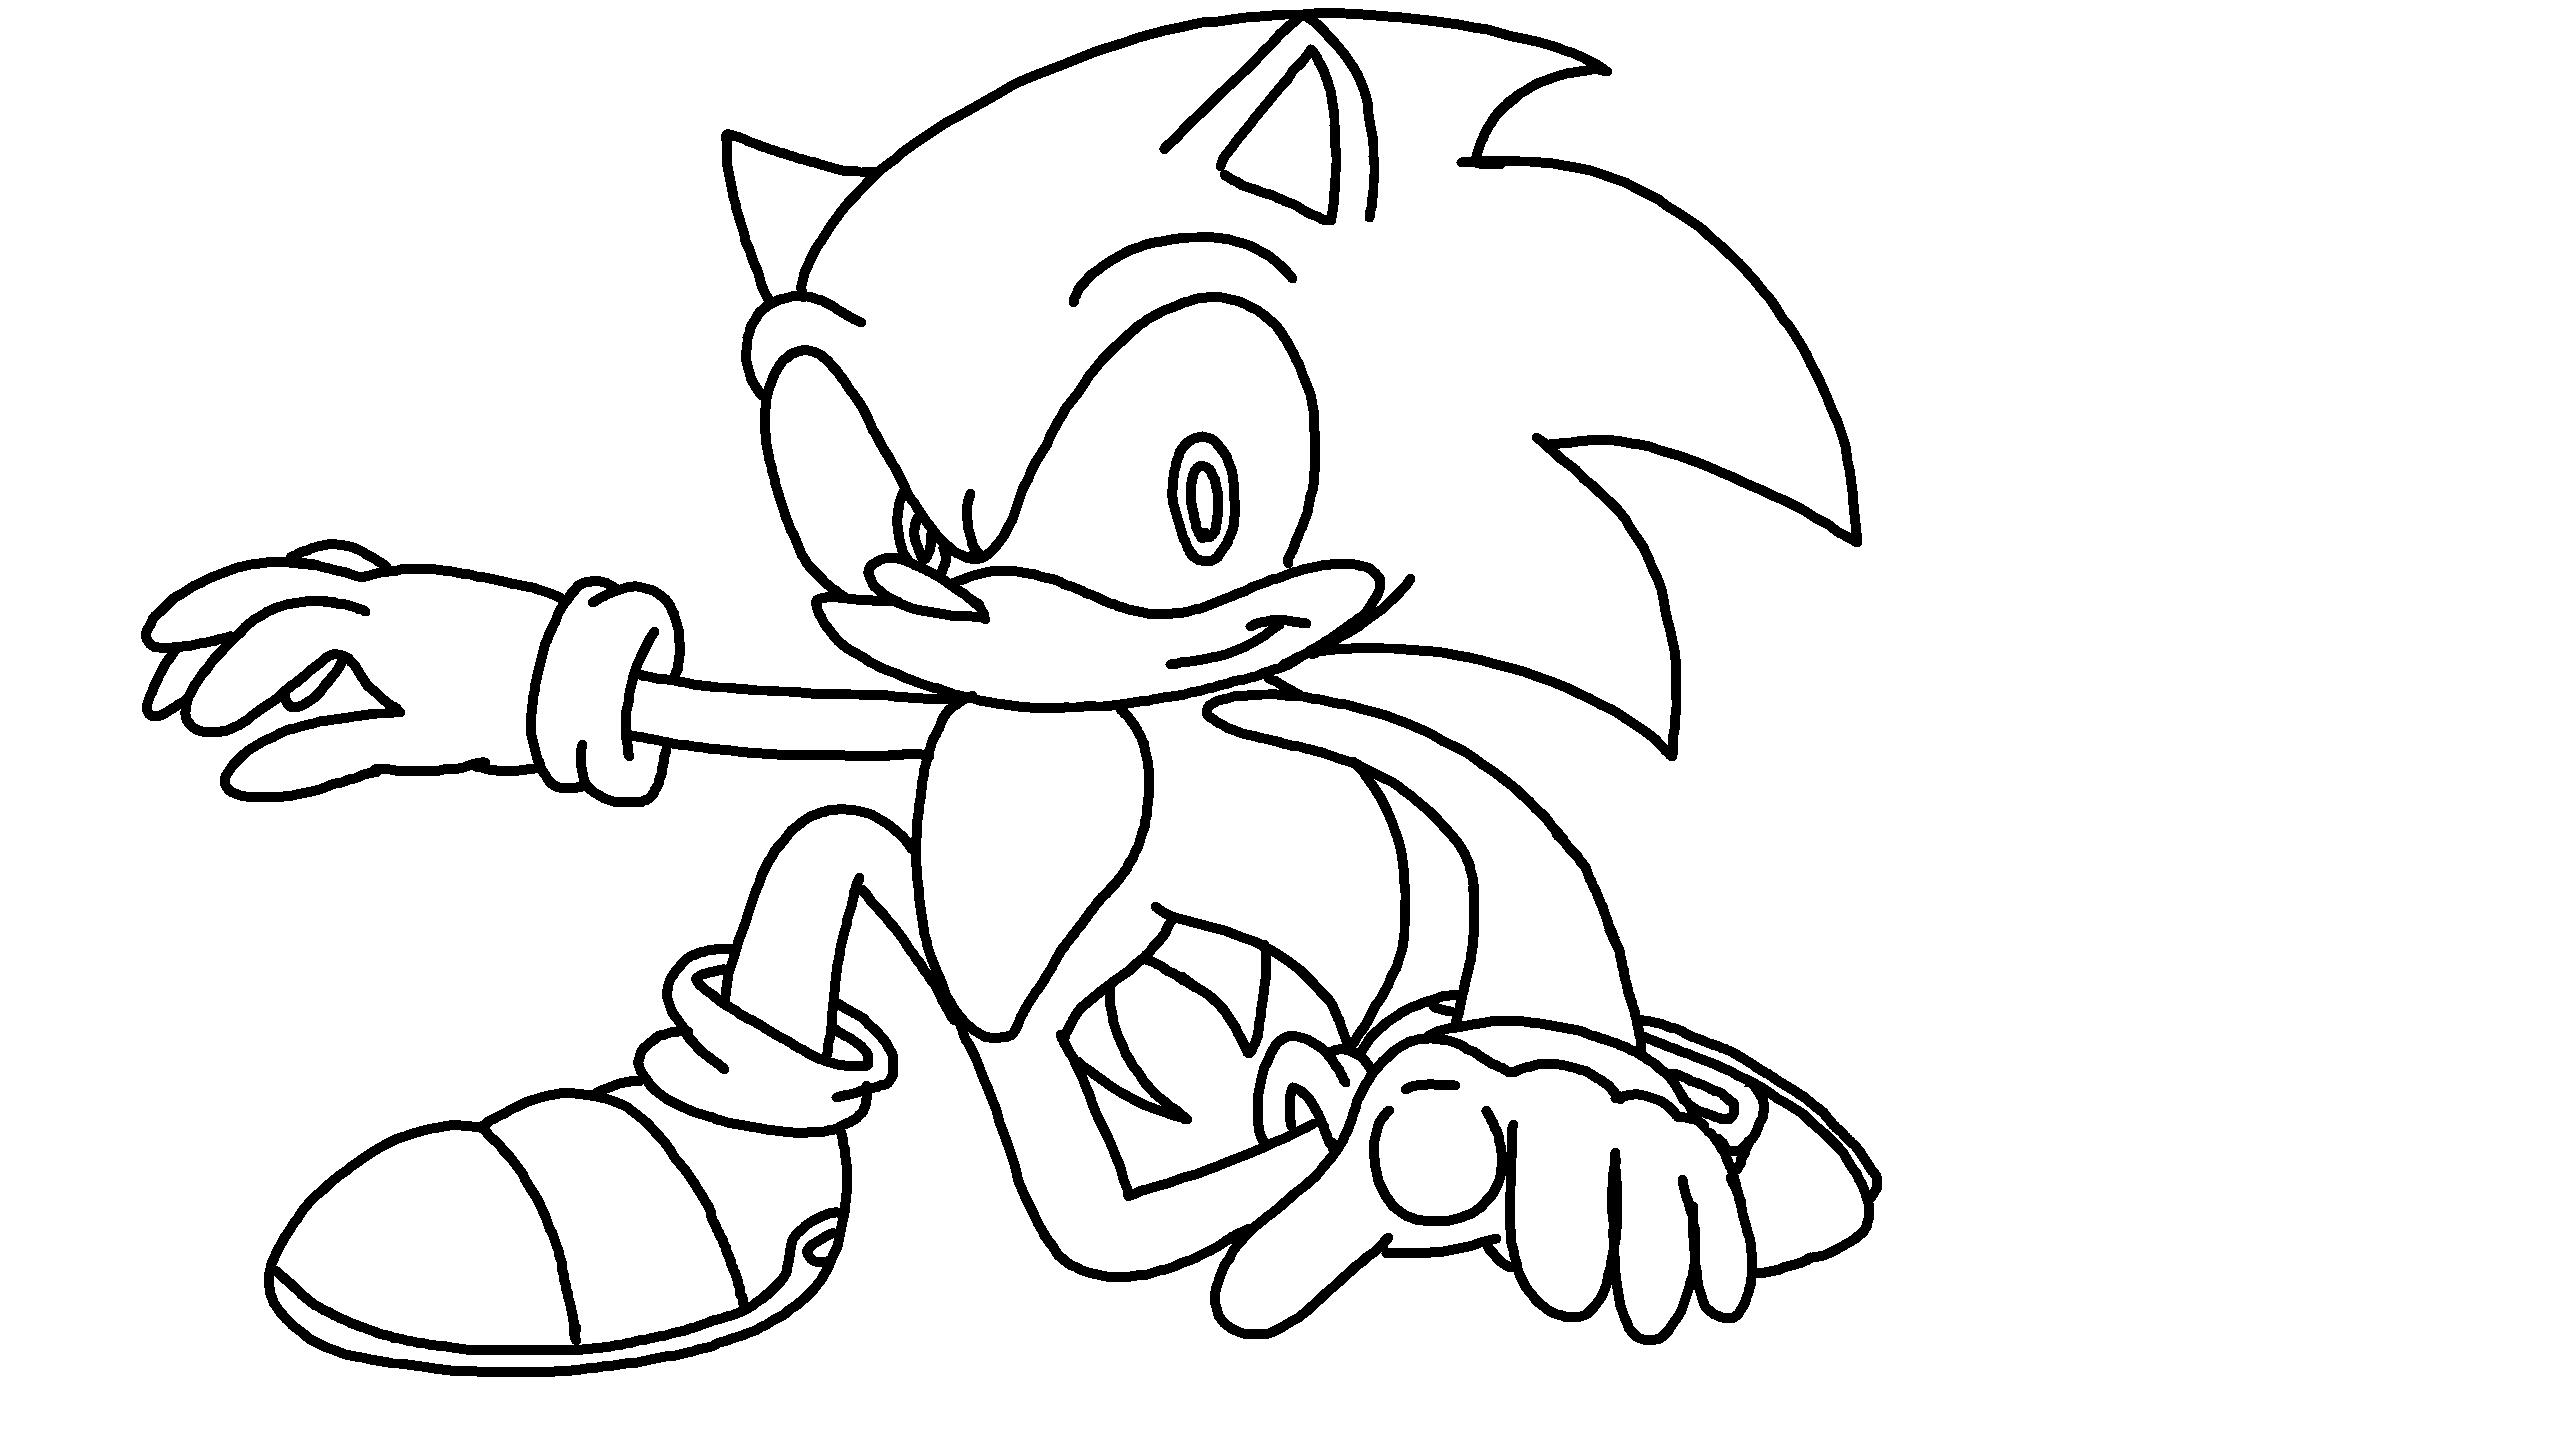 Sonic The Hedgehog Outline By Lego8gamer On Deviantart